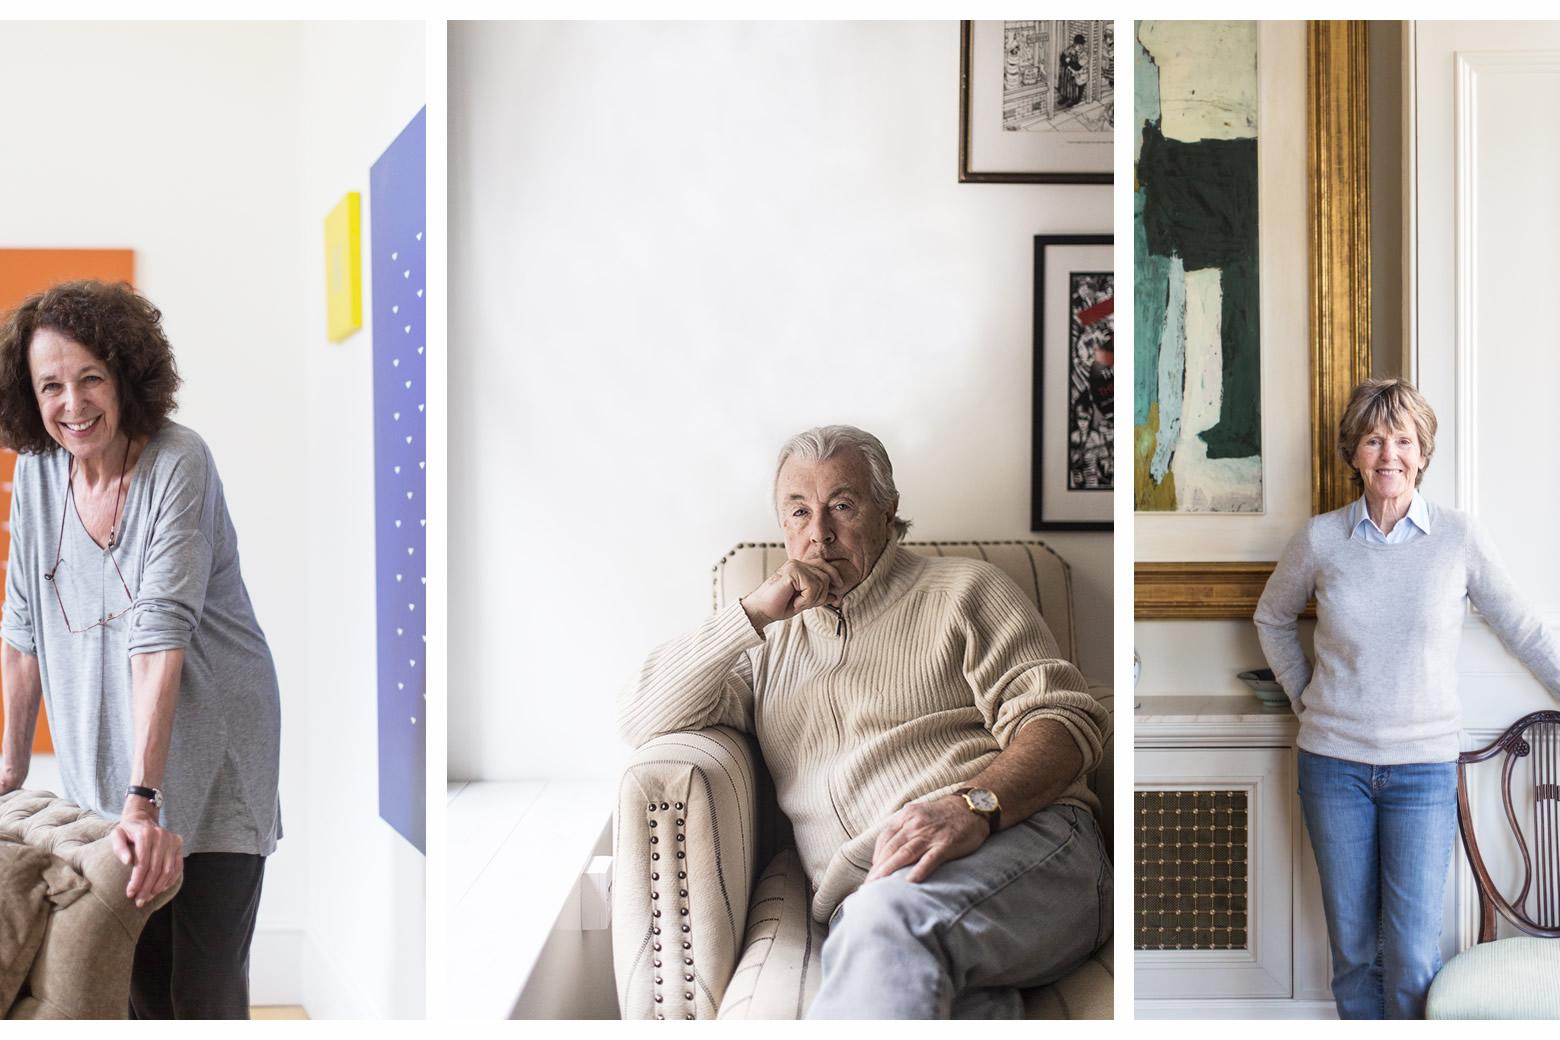 da sinistra: Tess Jaray, 77 anni, pittrice e stampatrice inglese; Terry O'Neill, 76 anni, fotografo; Jennifer Murray, 74 anni, aviatrice e scrittrice